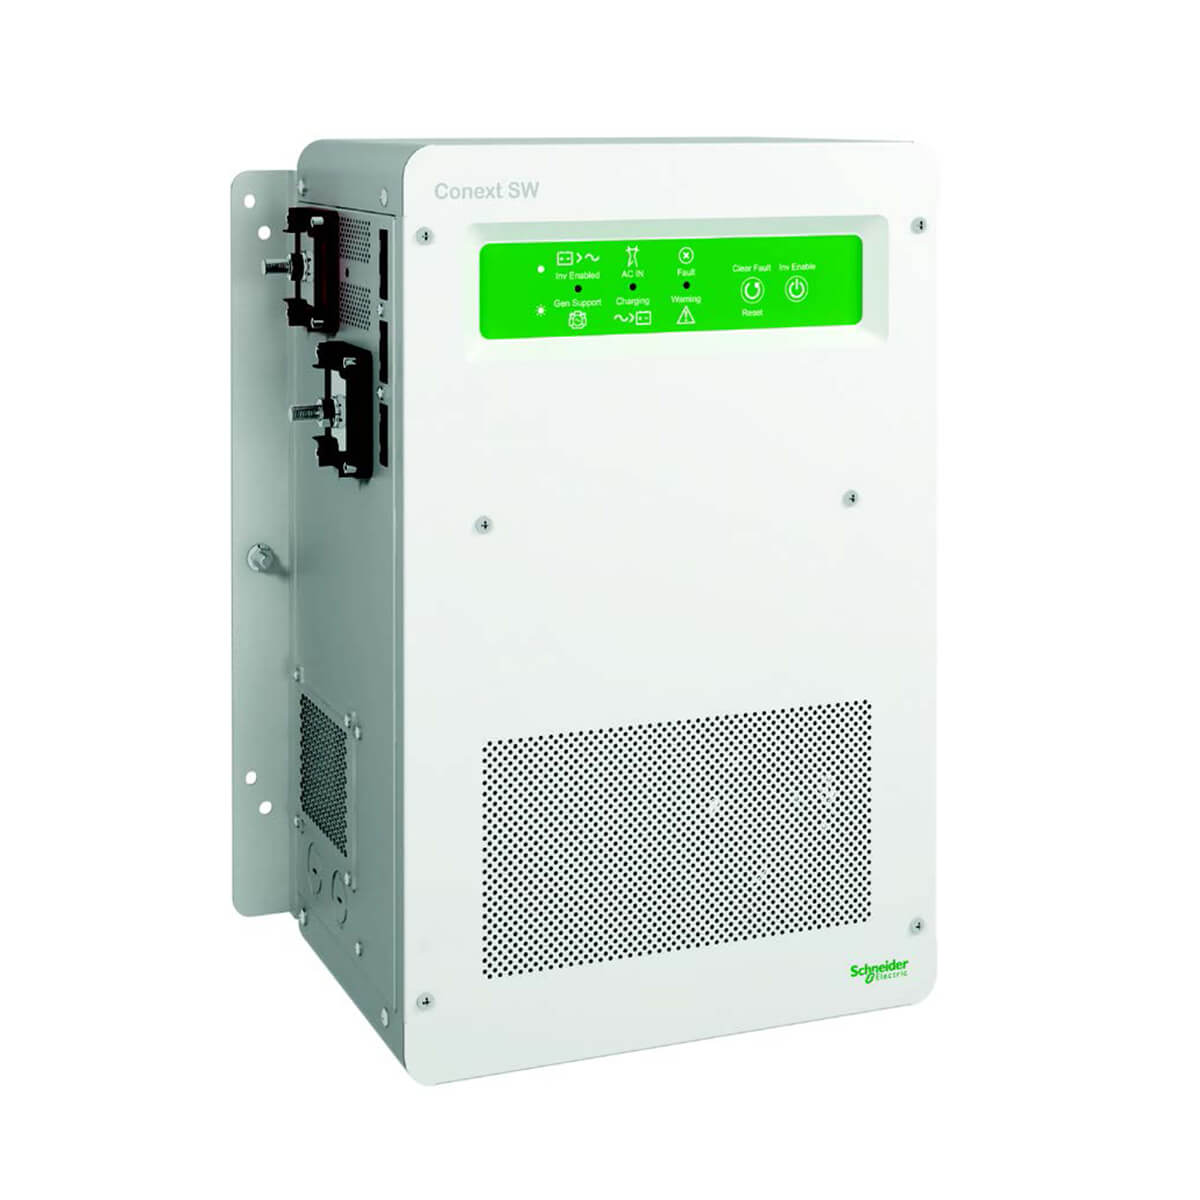 schneider electric 3.8kW inverter, schneider electric sw 4048 230 3.8kW inverter, schneider electric sw 4048 230 inverter, schneider electric sw 4048 230, schneider electric 3.8 kW, SCHNEIDER ELECTRIC 3.8 KW